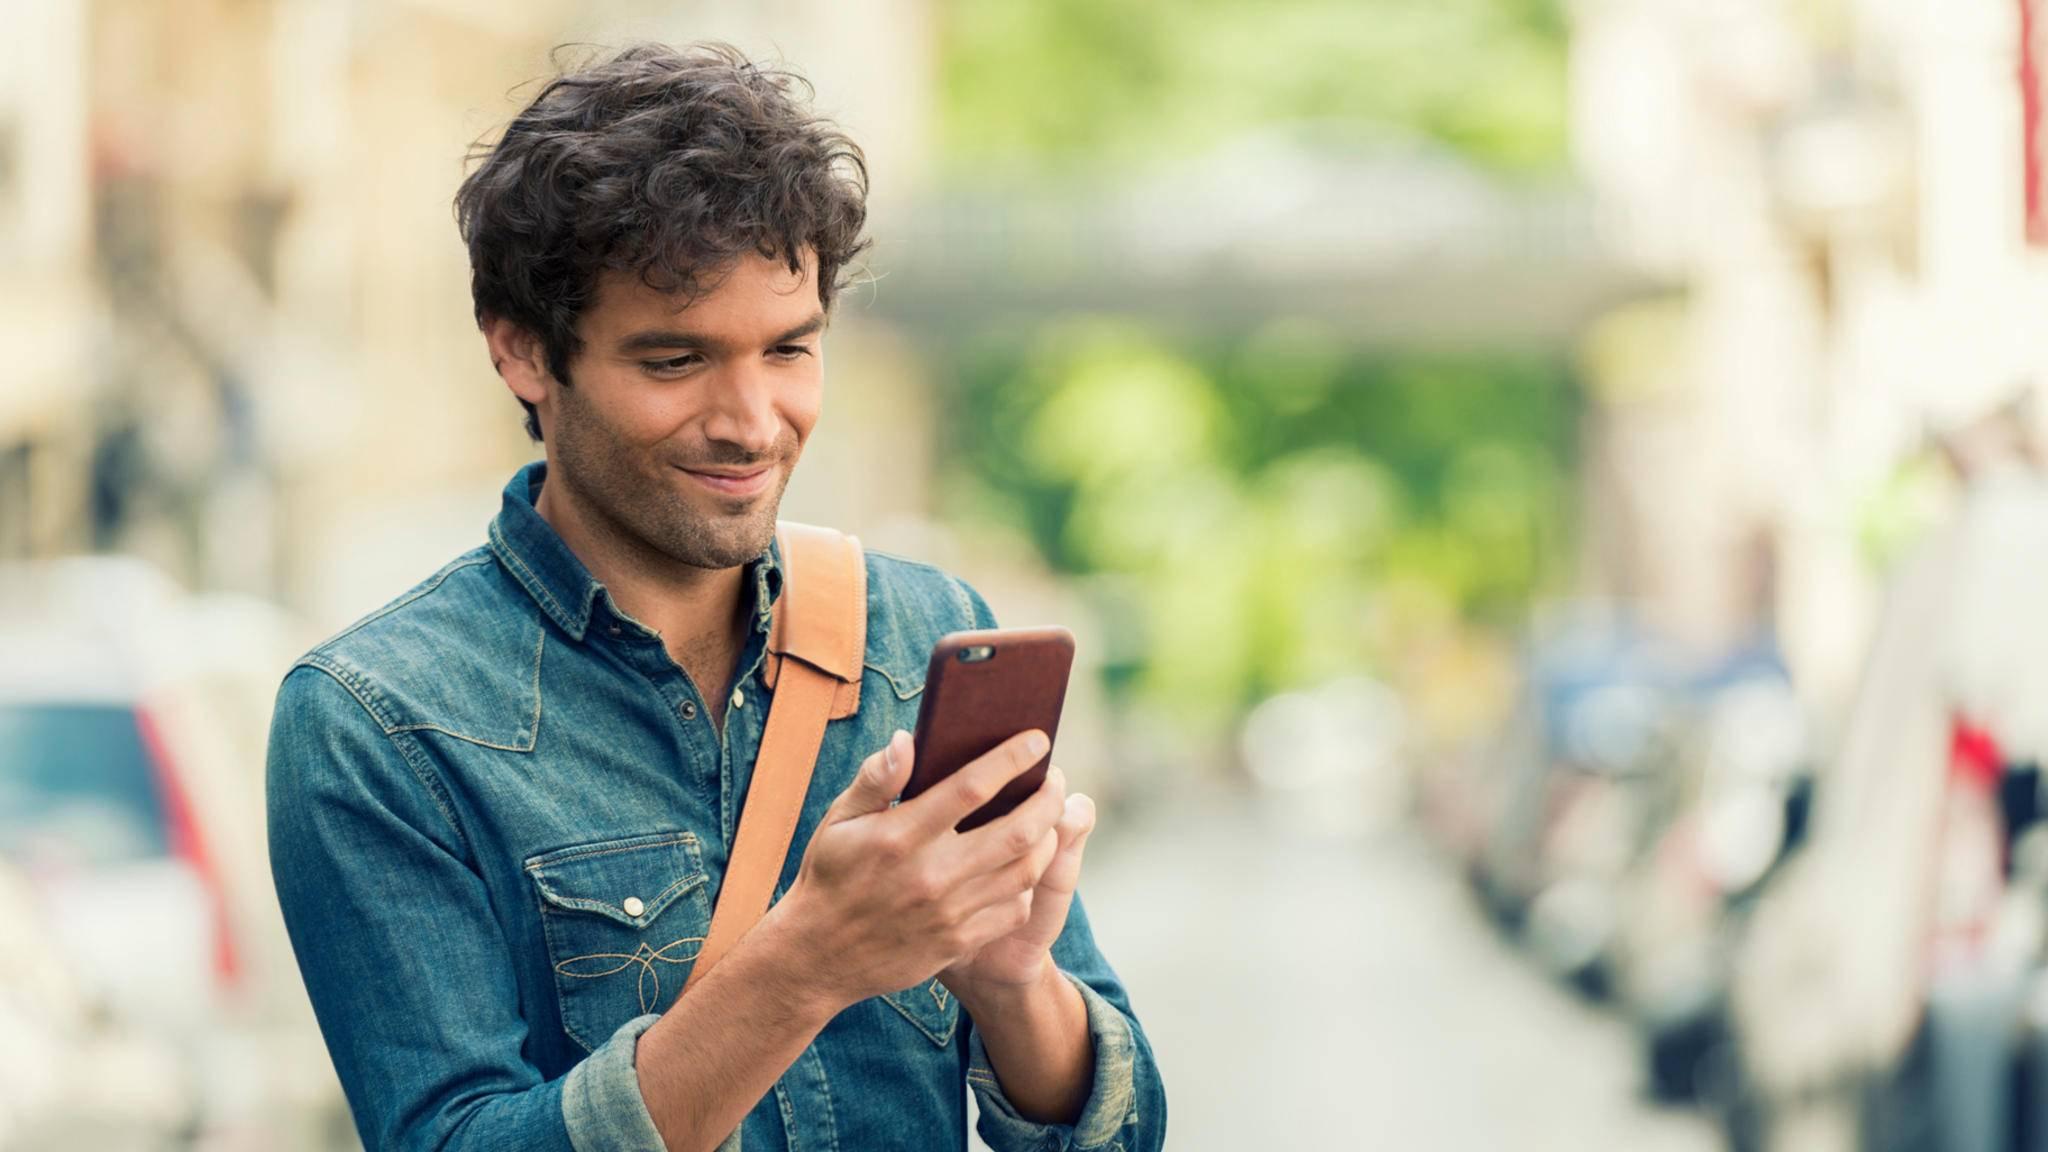 Die App von Oticon ist ein Fitness-Tracker fürs Ohr.